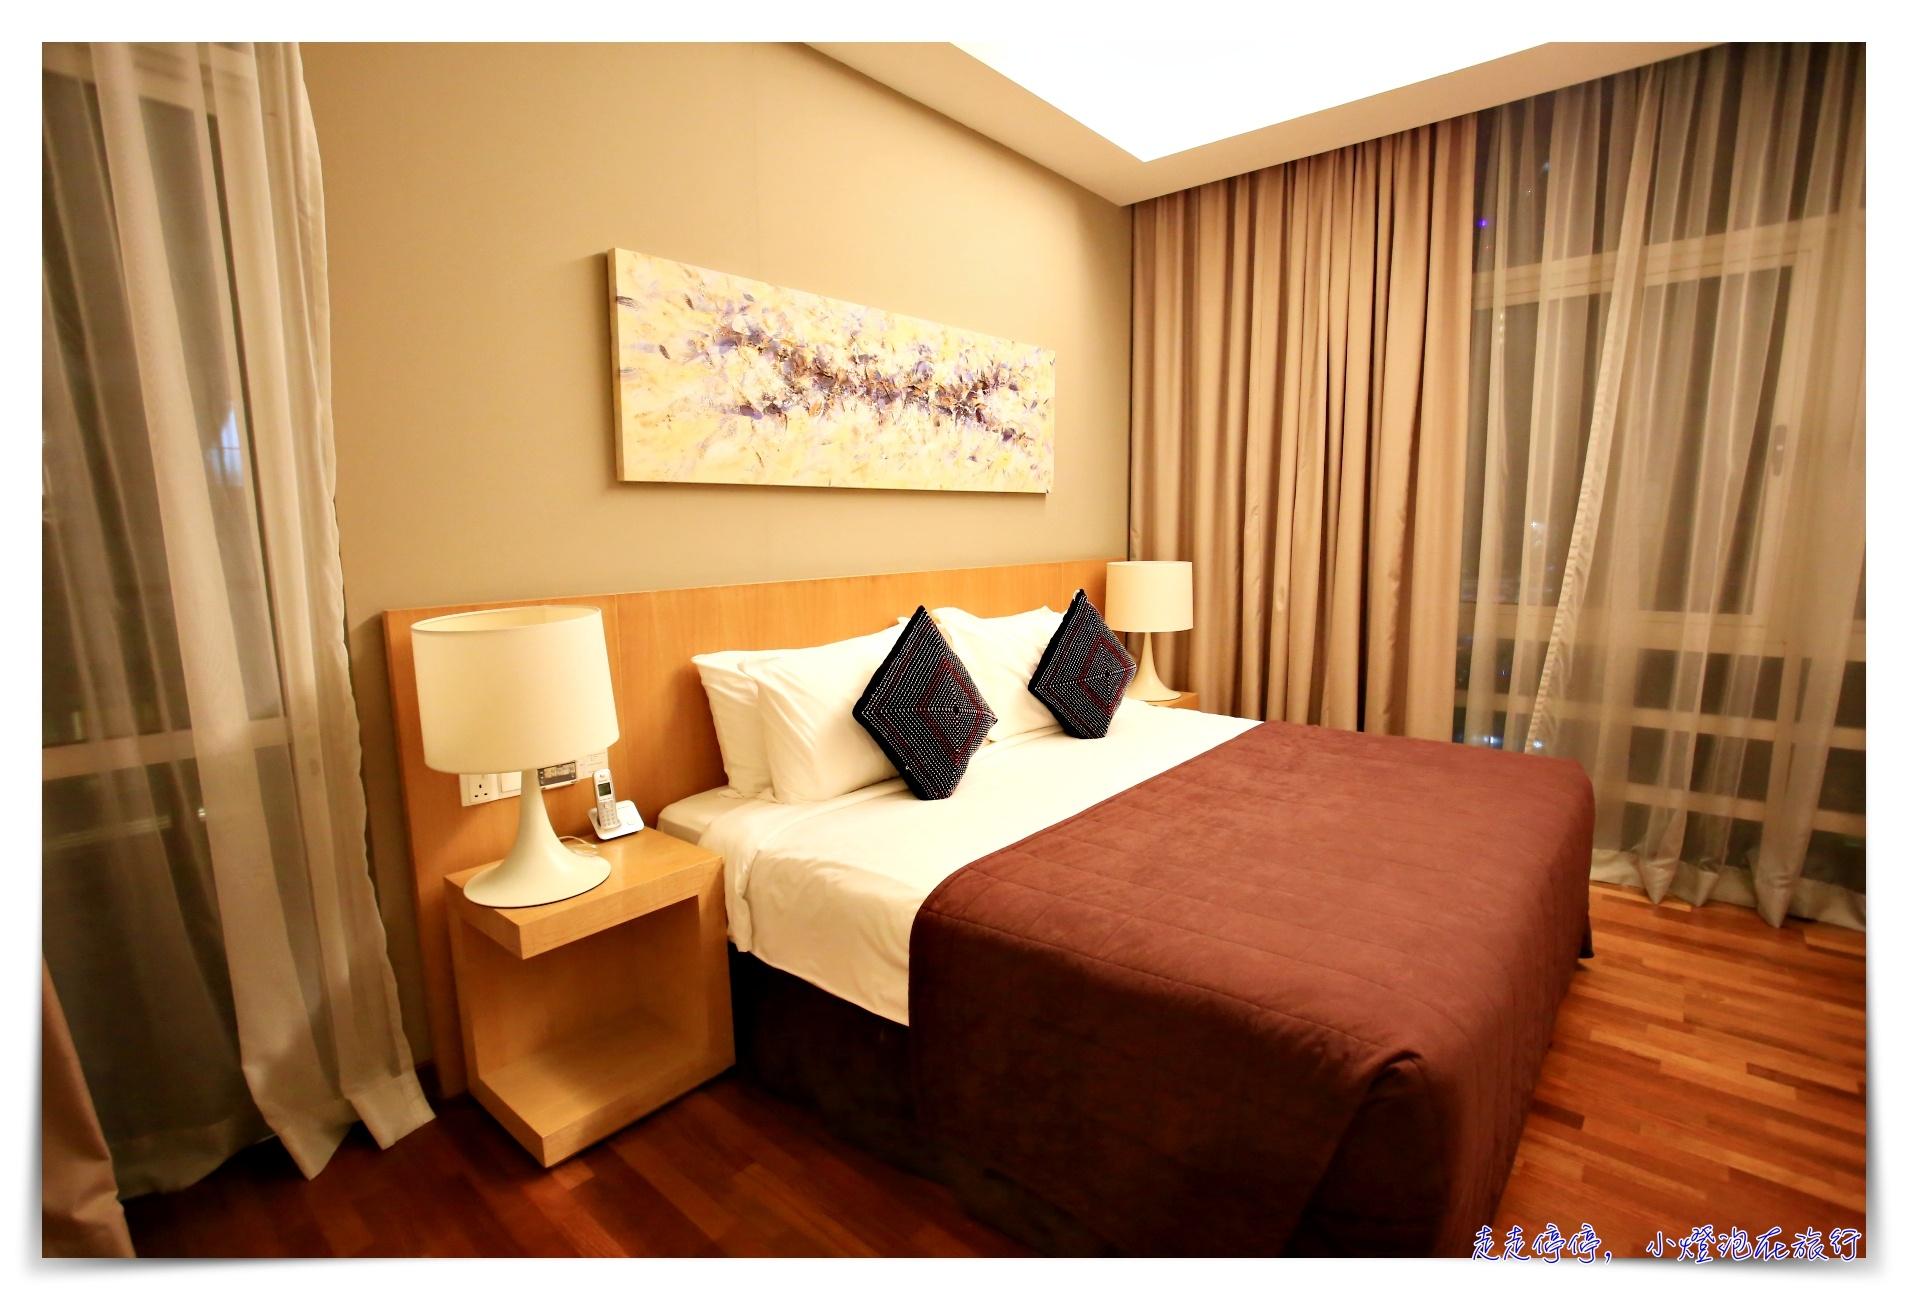 吉隆坡親子自由行住宿推薦|Fraser Place Kuala Lumpur(吉隆坡輝盛坊國際公寓),雙衛浴、雙臥室~比自己家裡還舒適的旅行空間!